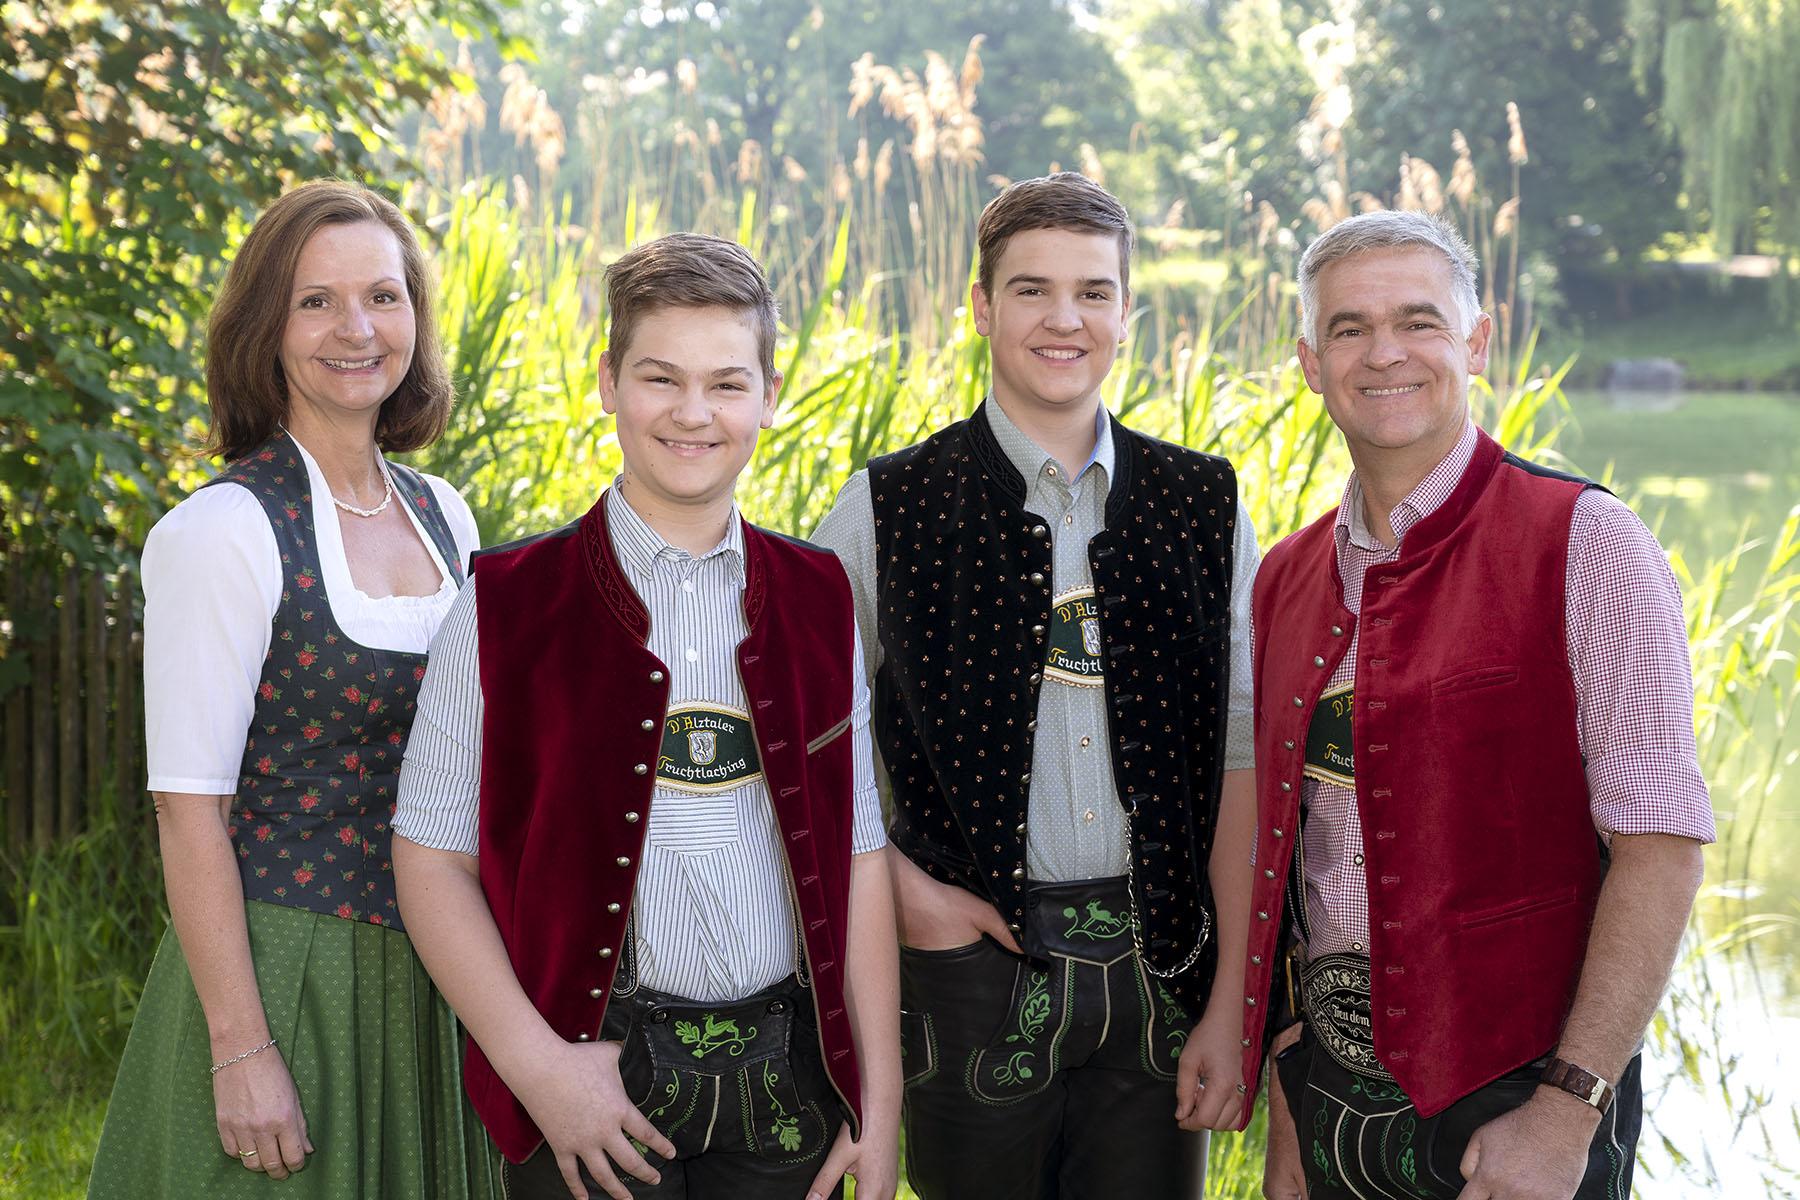 Familienfoto-Outdoor-Traunstein-Chiemgau-005